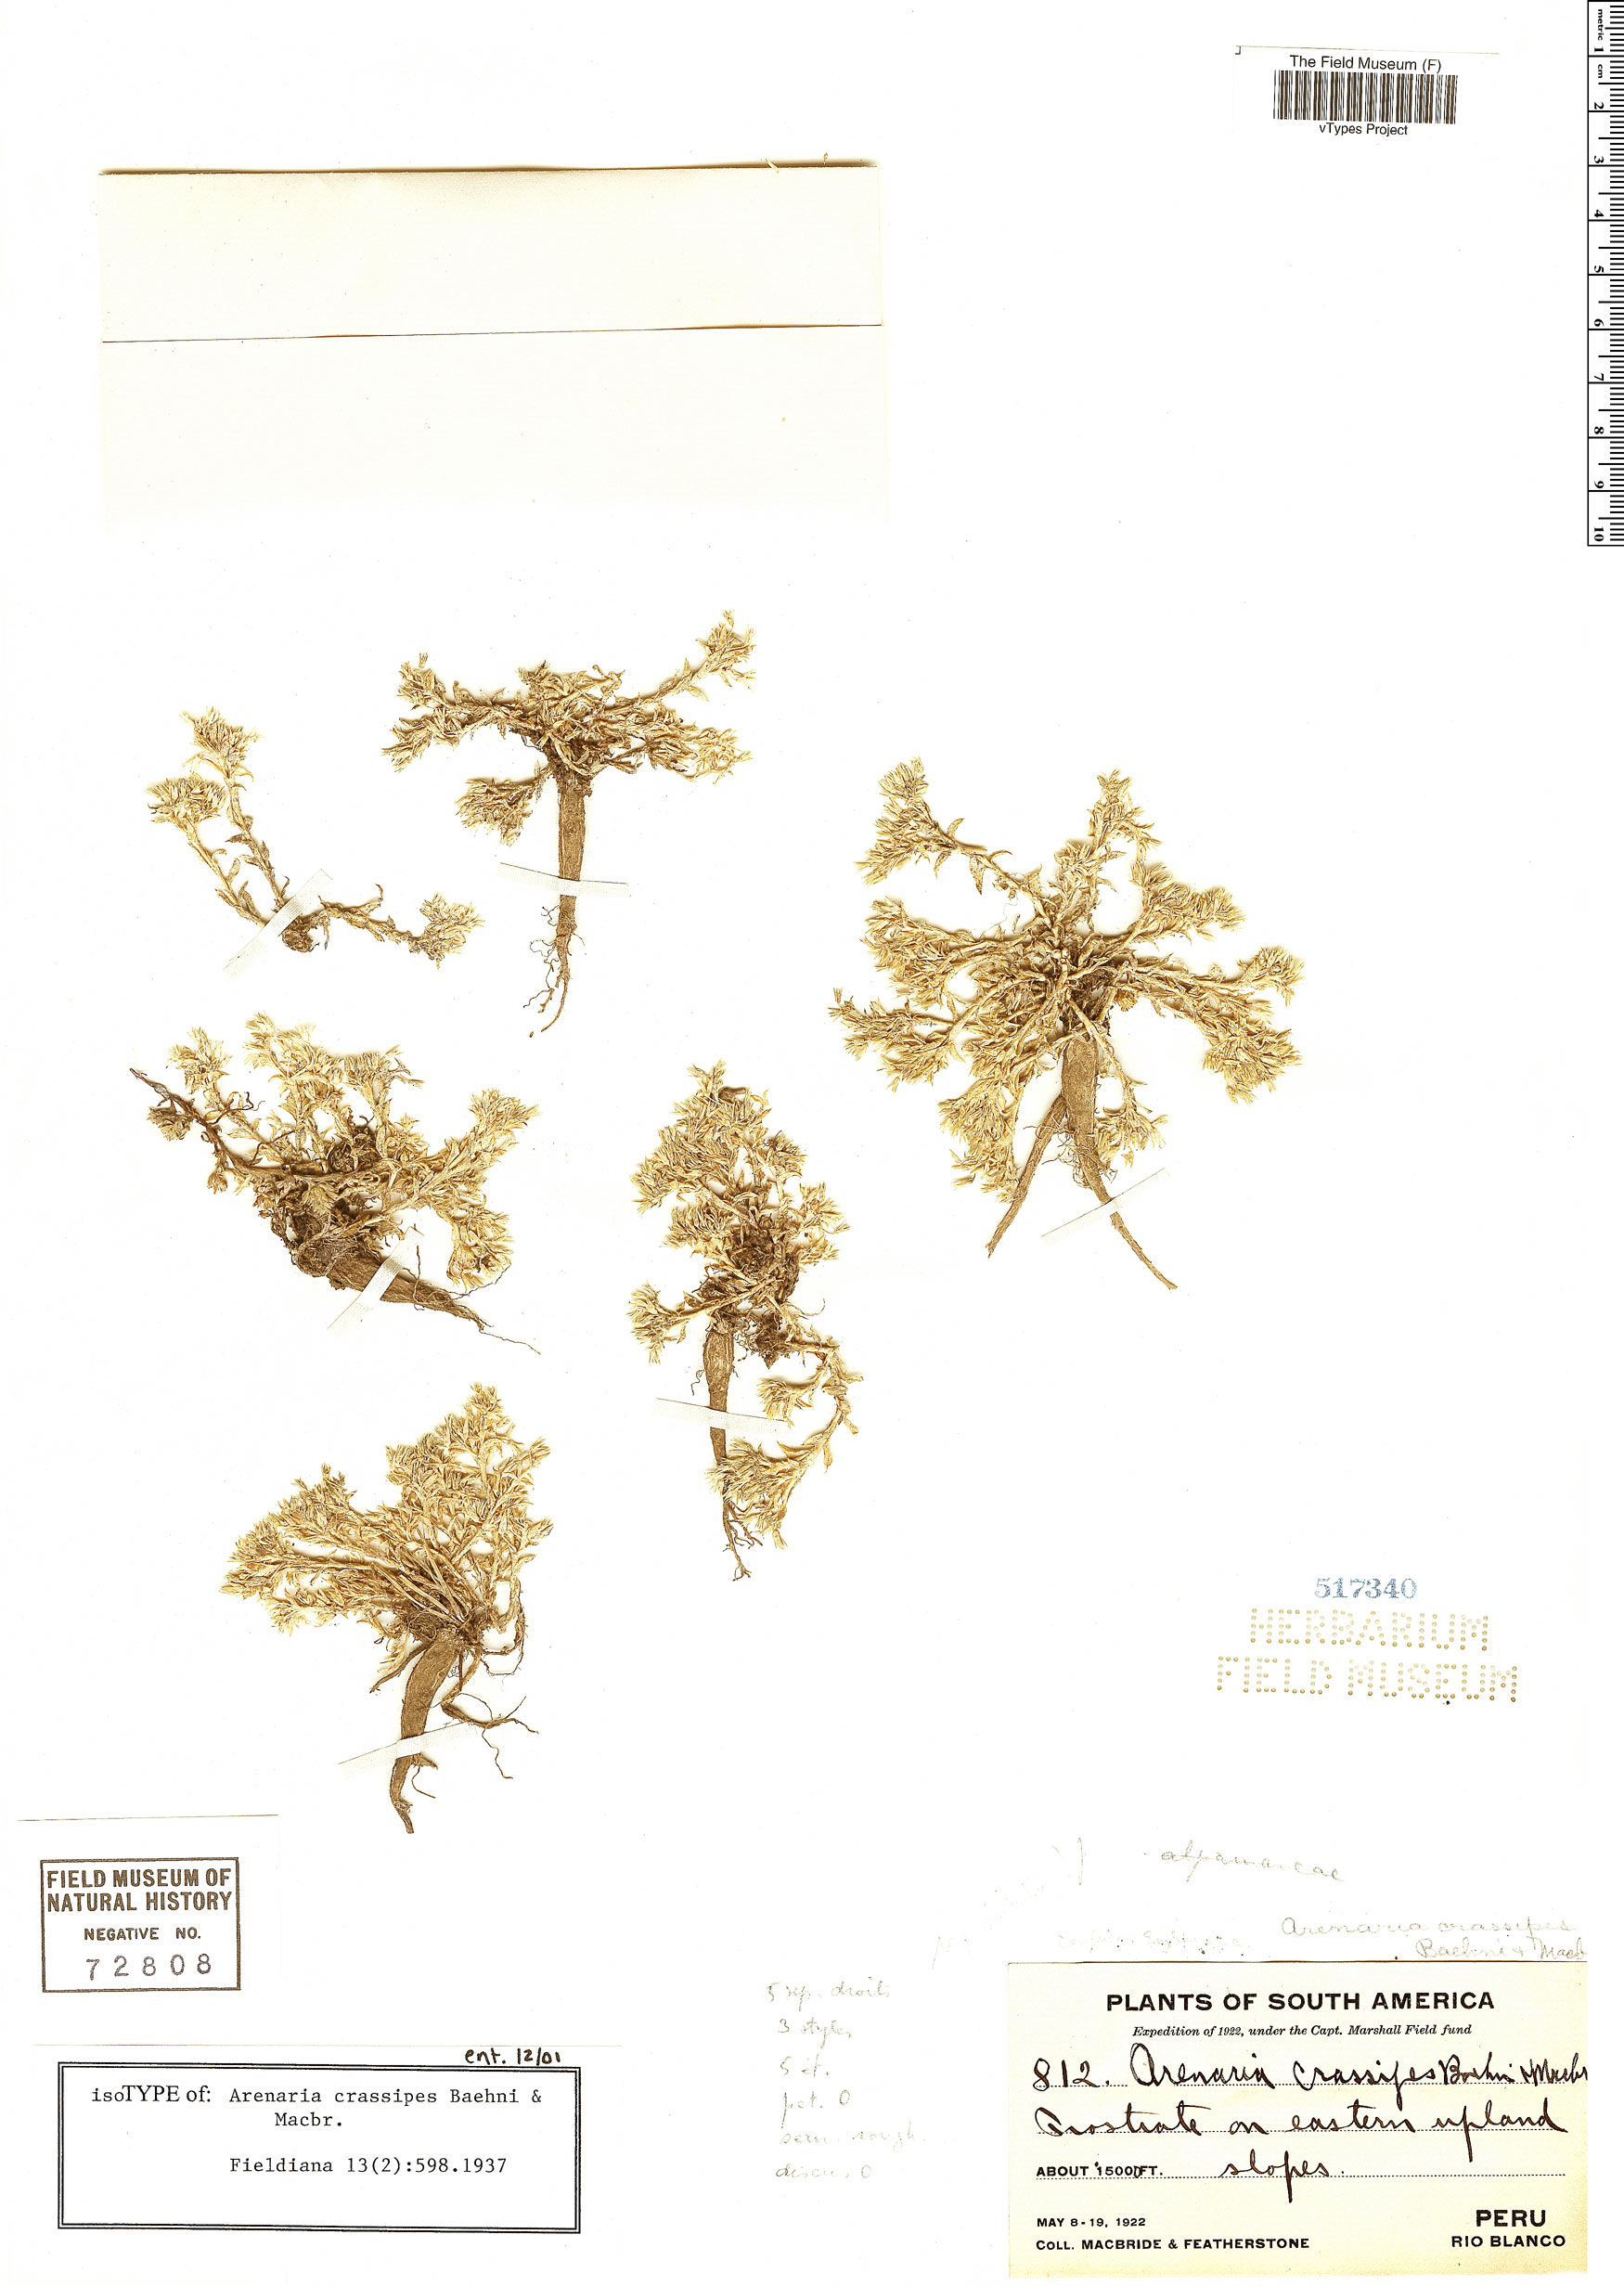 Specimen: Arenaria crassipes